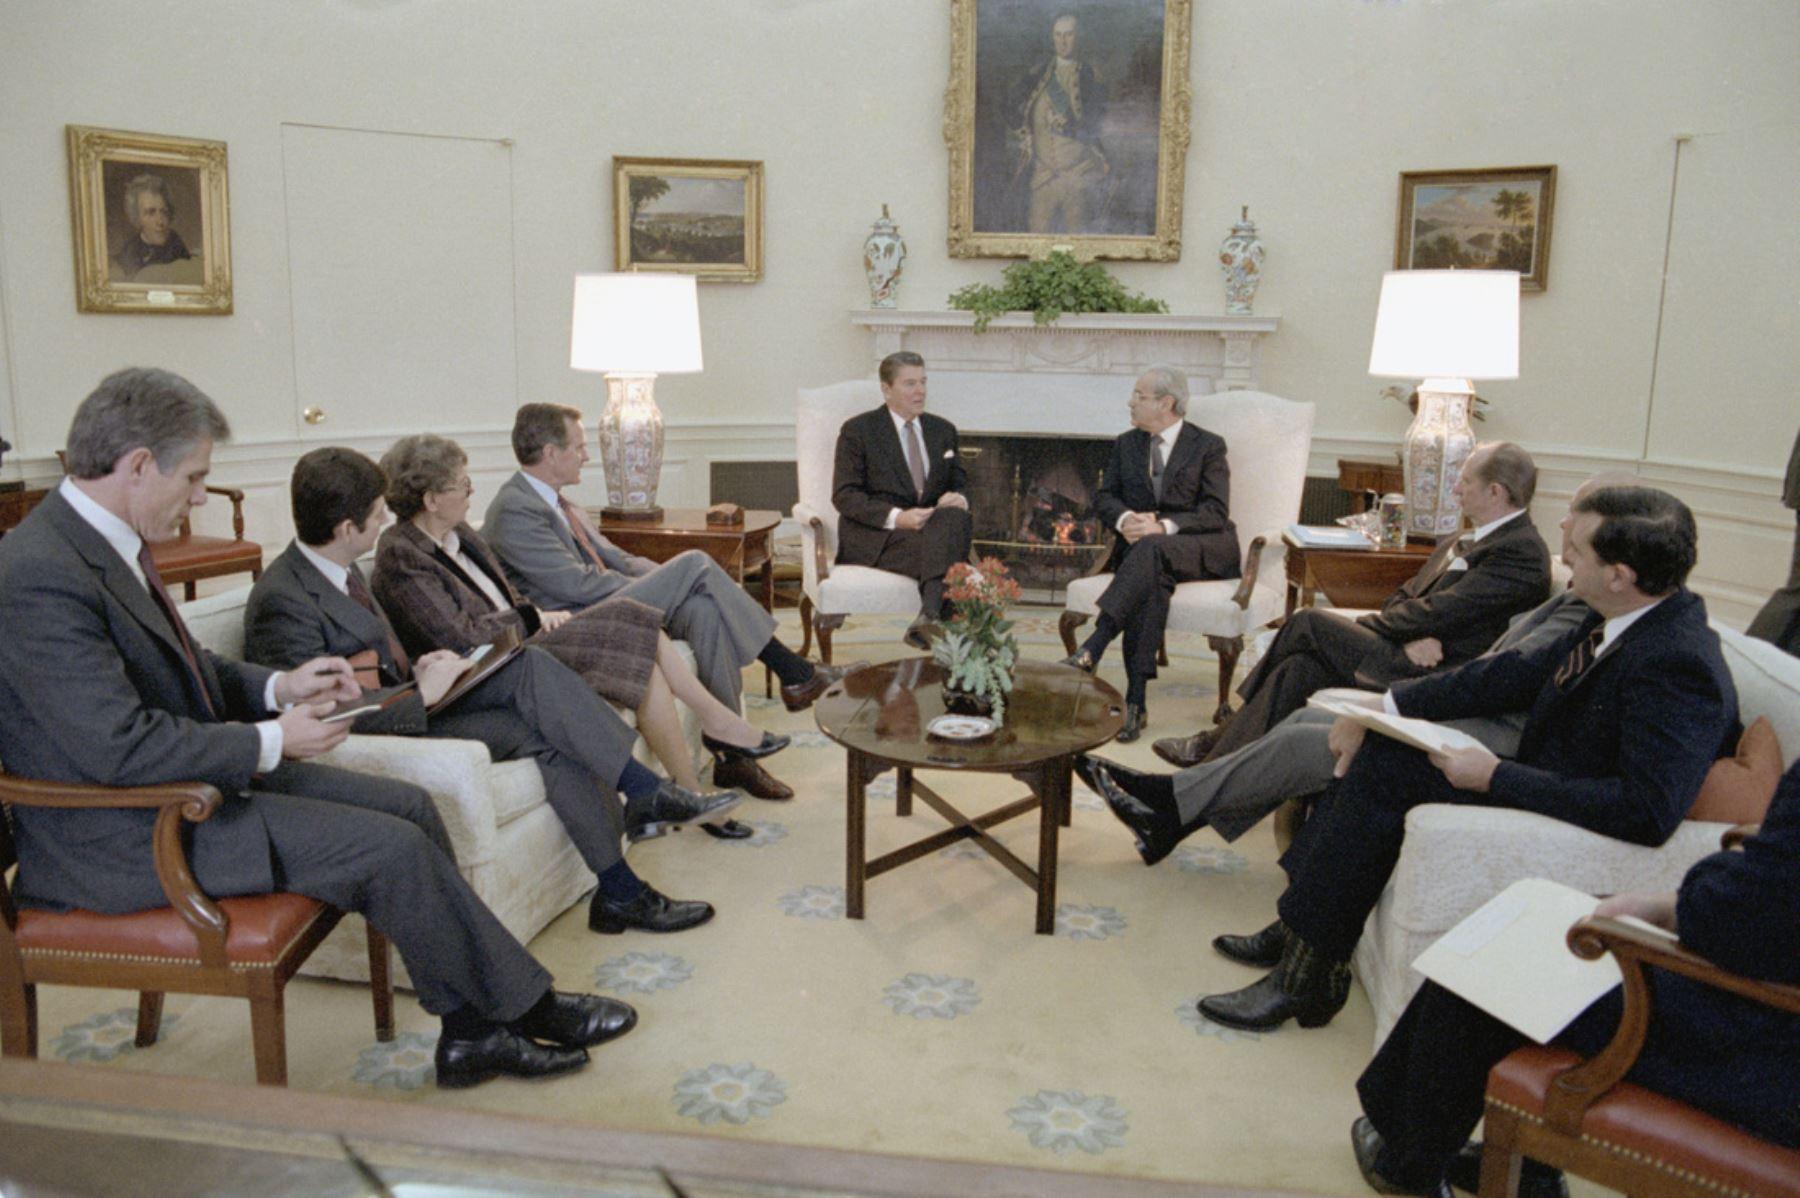 En su labor al frente de la ONU, Javier Pérez de Cuéllar trabajó intensamente con los líderes mundiales. Foto: ANDINA/Difusión